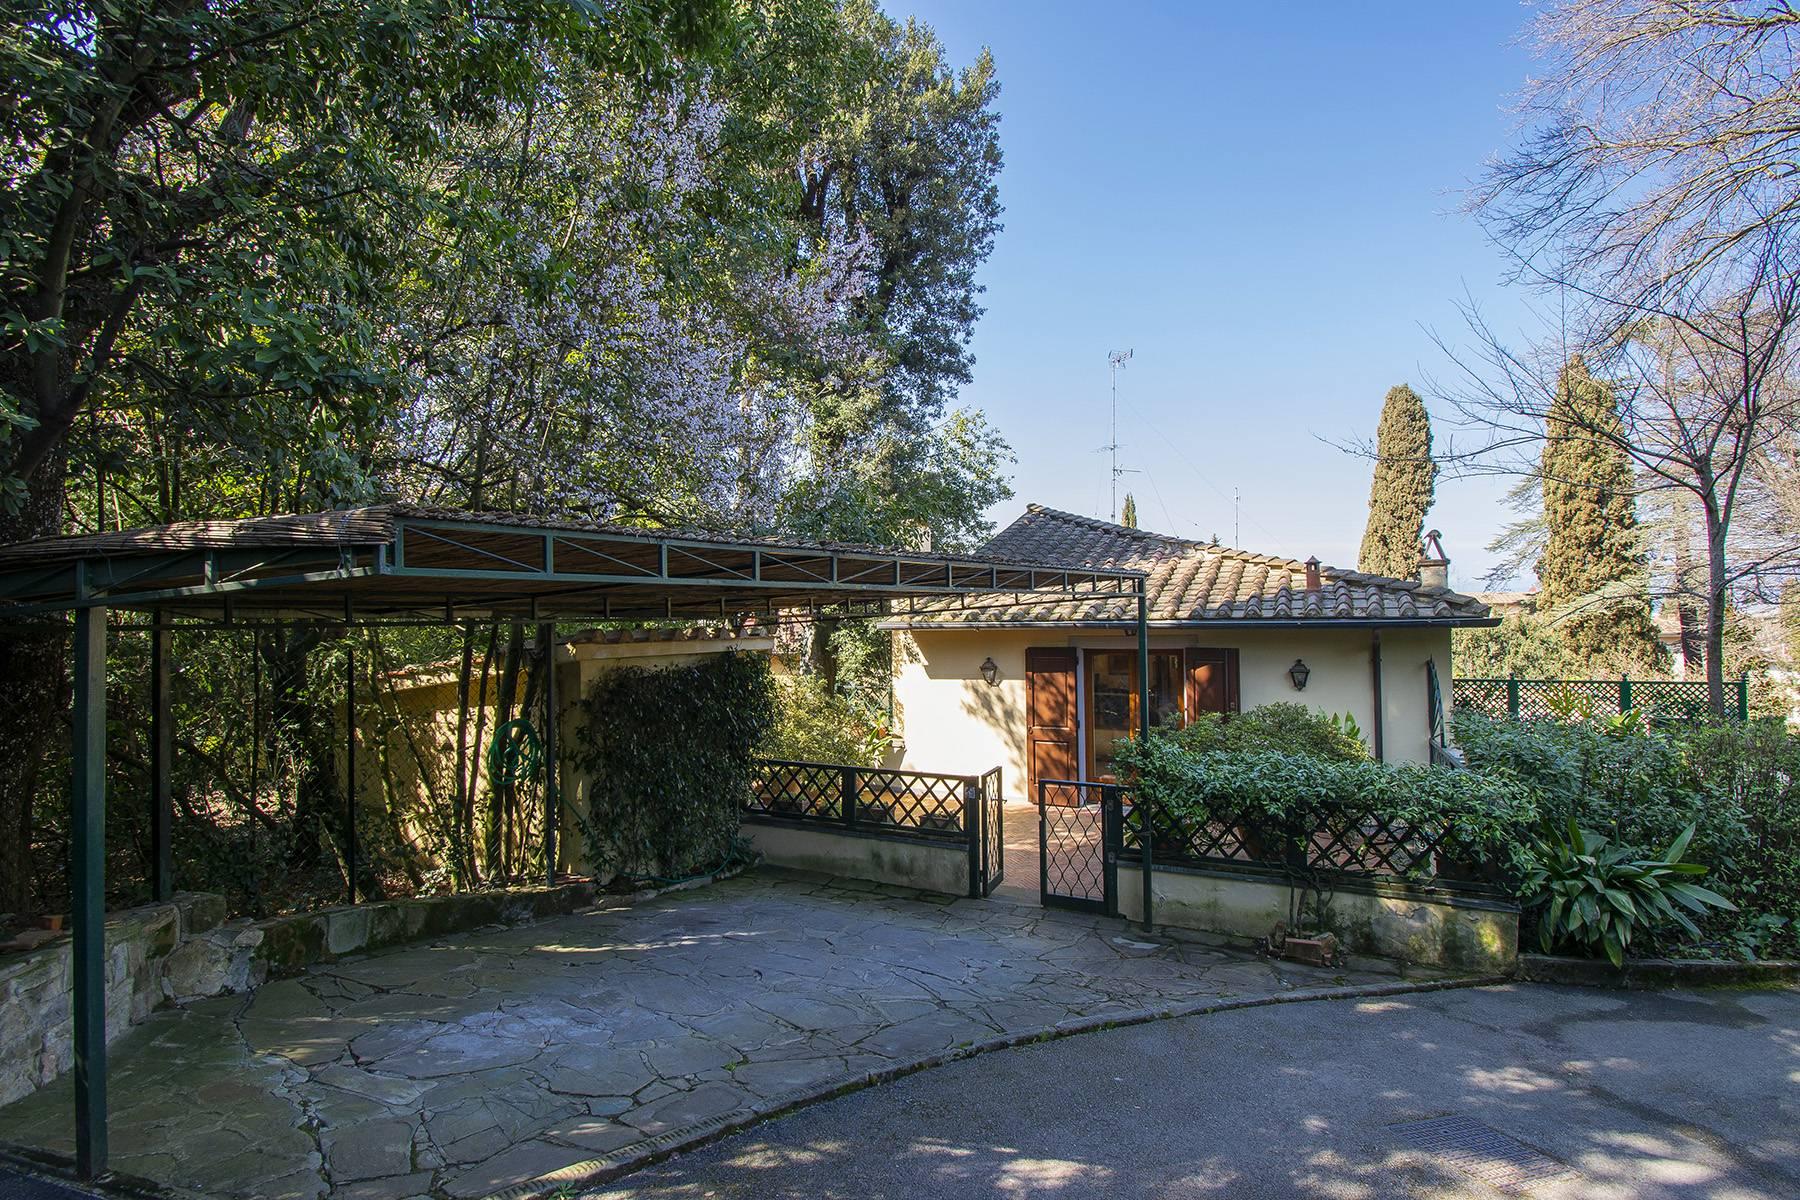 Appartamento in Vendita a Firenze: 5 locali, 182 mq - Foto 7